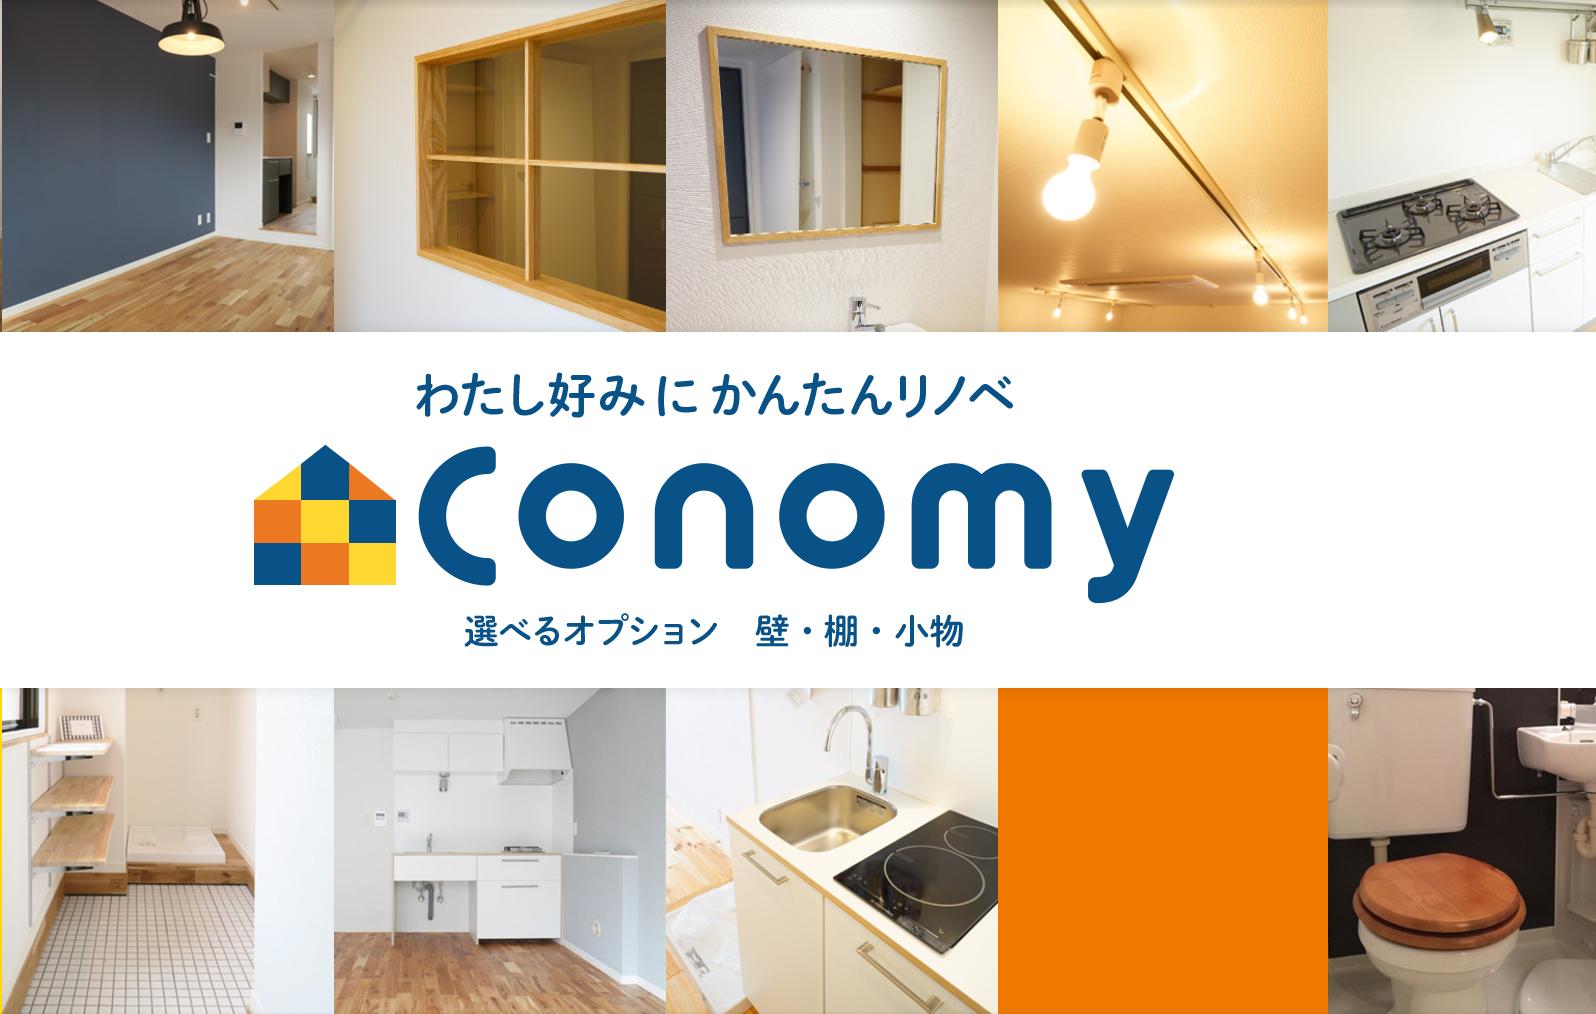 リノベ工事中のお部屋の壁・棚・小物が選べる!グッドルームのカスタマイズ賃貸「conomy」はこちら